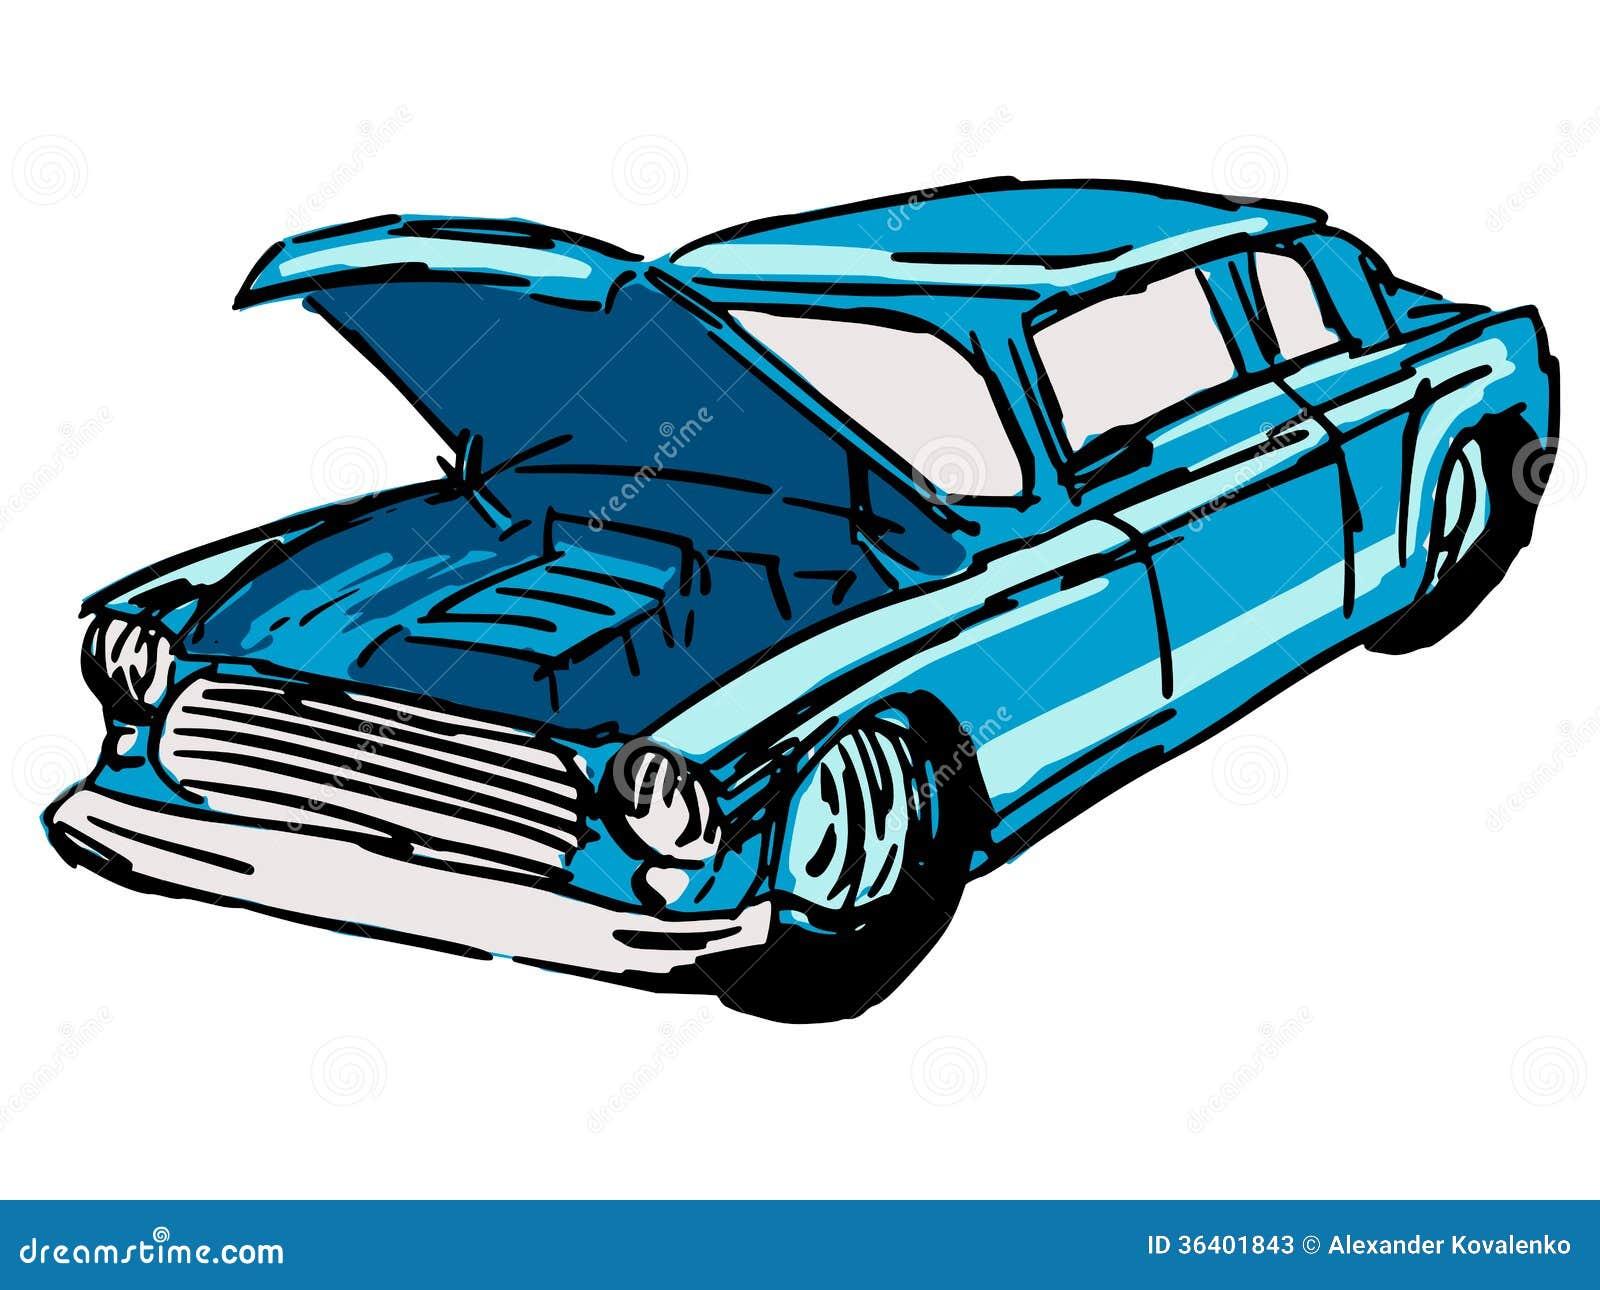 voiture avec le capot ouvert illustration de vecteur image 36401843. Black Bedroom Furniture Sets. Home Design Ideas